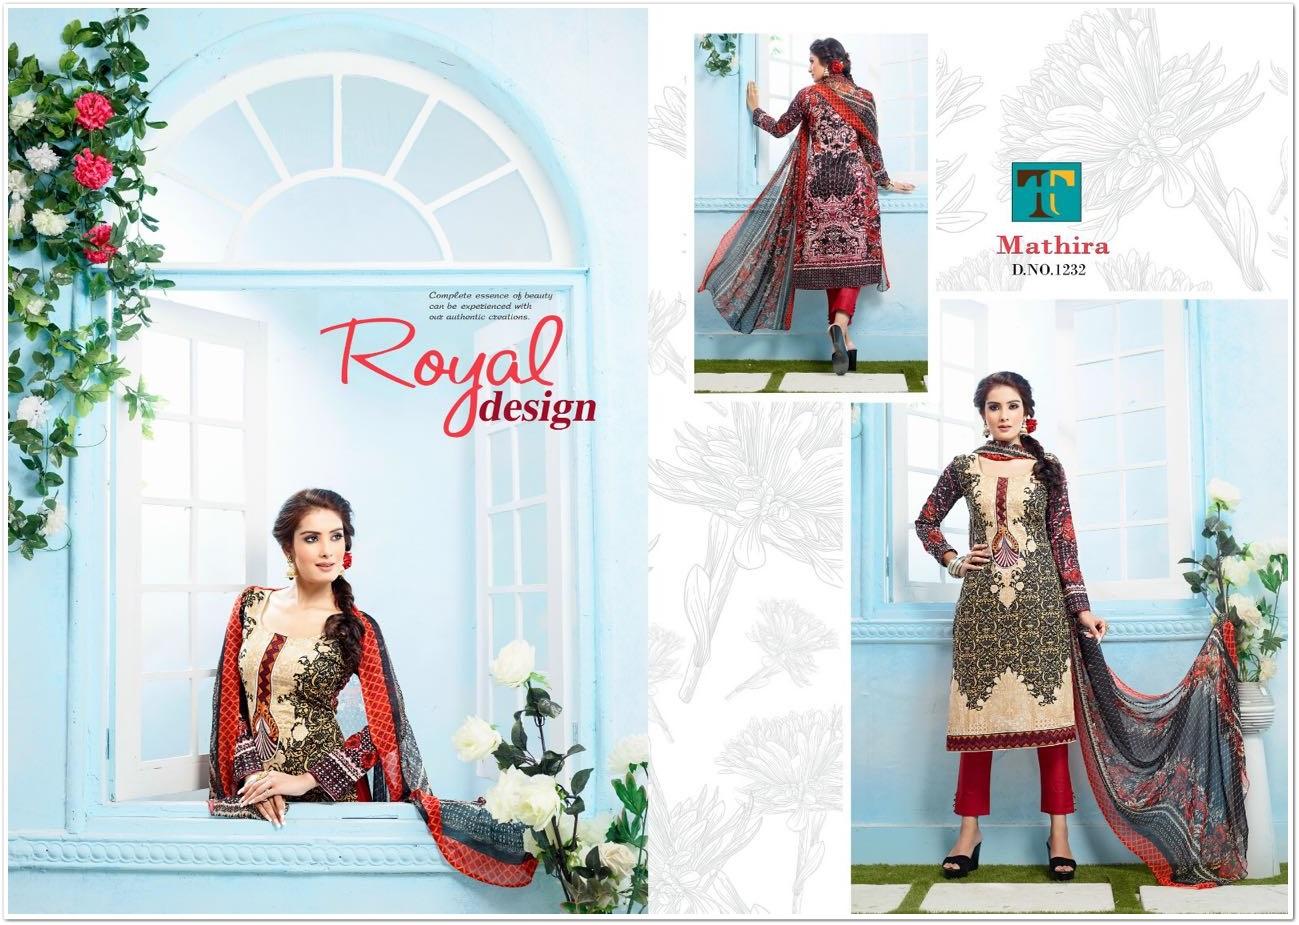 Mathira Premium Cotton Designer Salwar Suit